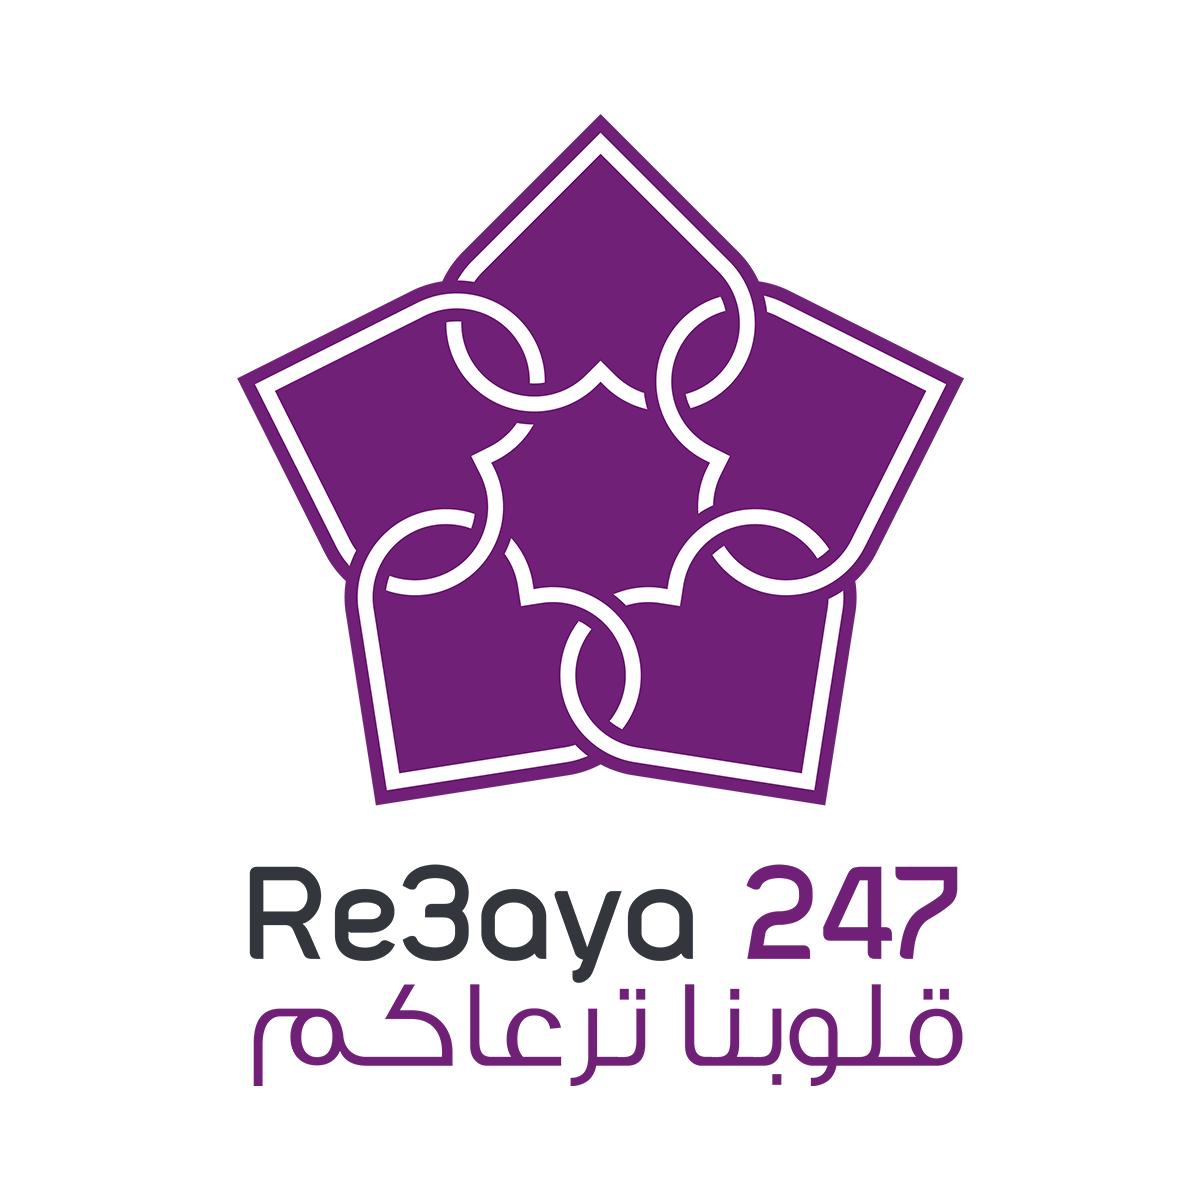 Re3aya 24/7